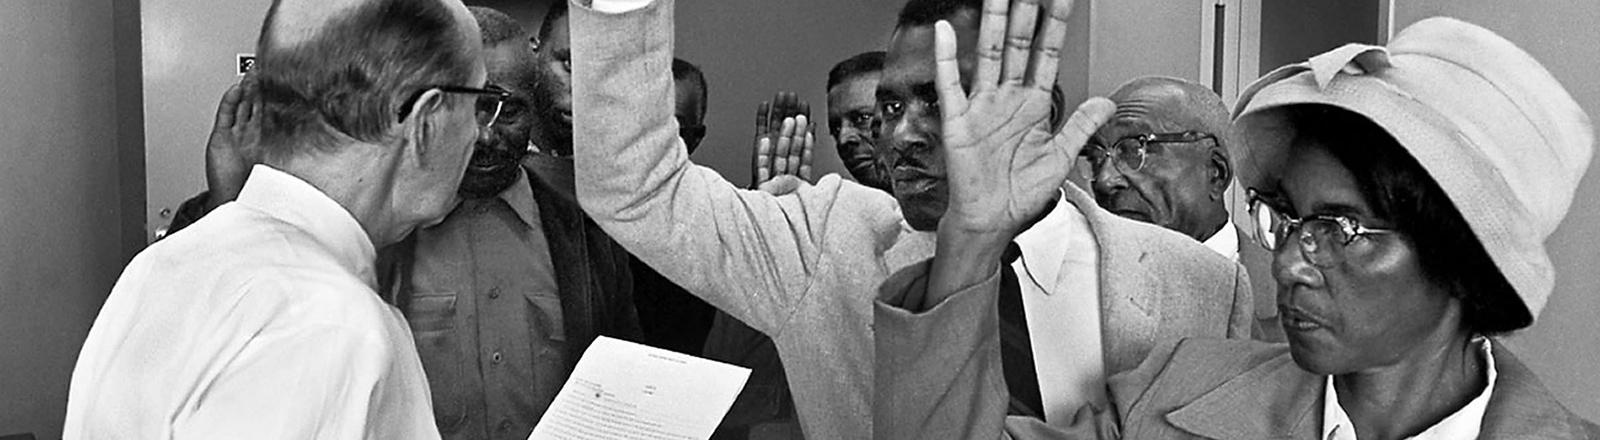 Schwarze und weiße Bürgerrechtler